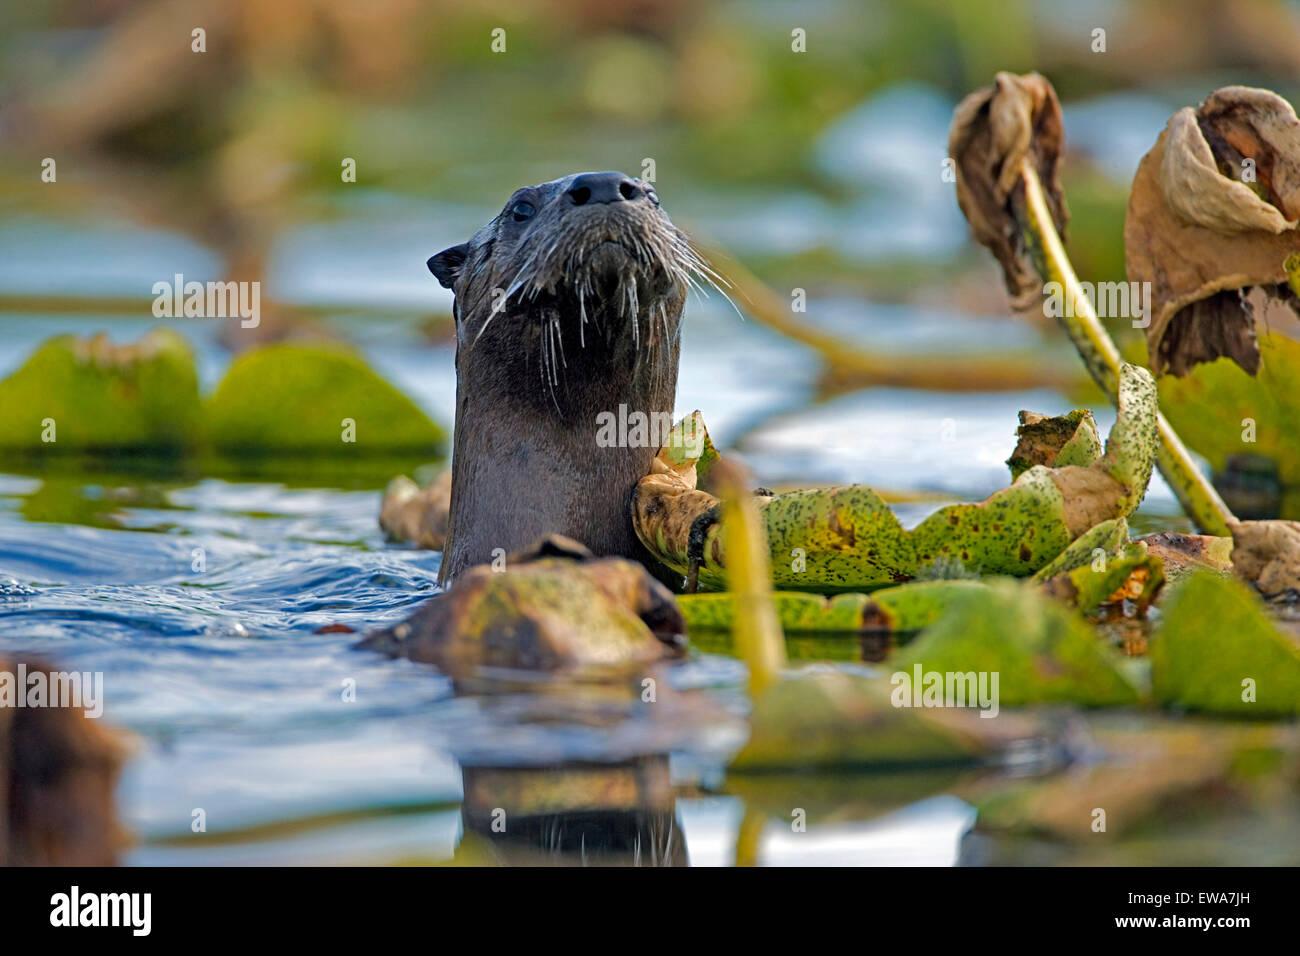 La loutre de rivière baigne parmi les nénuphars, regardant,alerte (Lutra canadensis ) Photo Stock